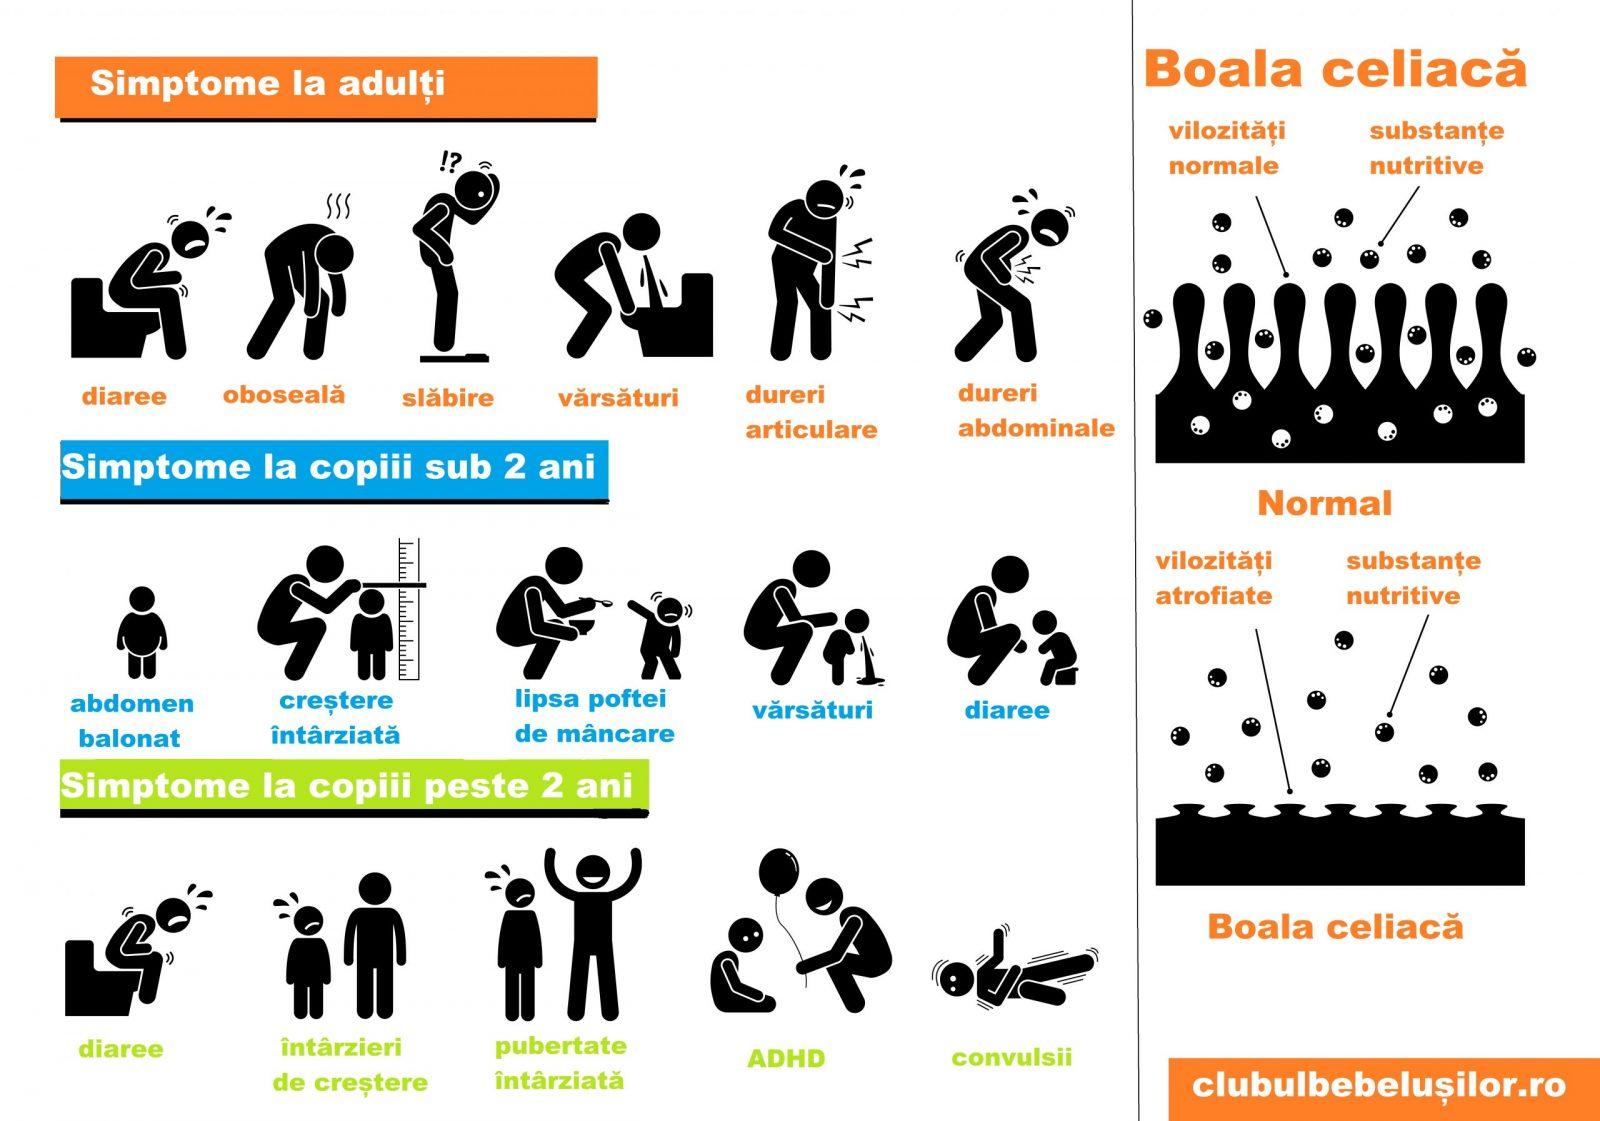 Ai putea avea boala celiaca? Afla care sunt simptomele | centru-respiro.ro